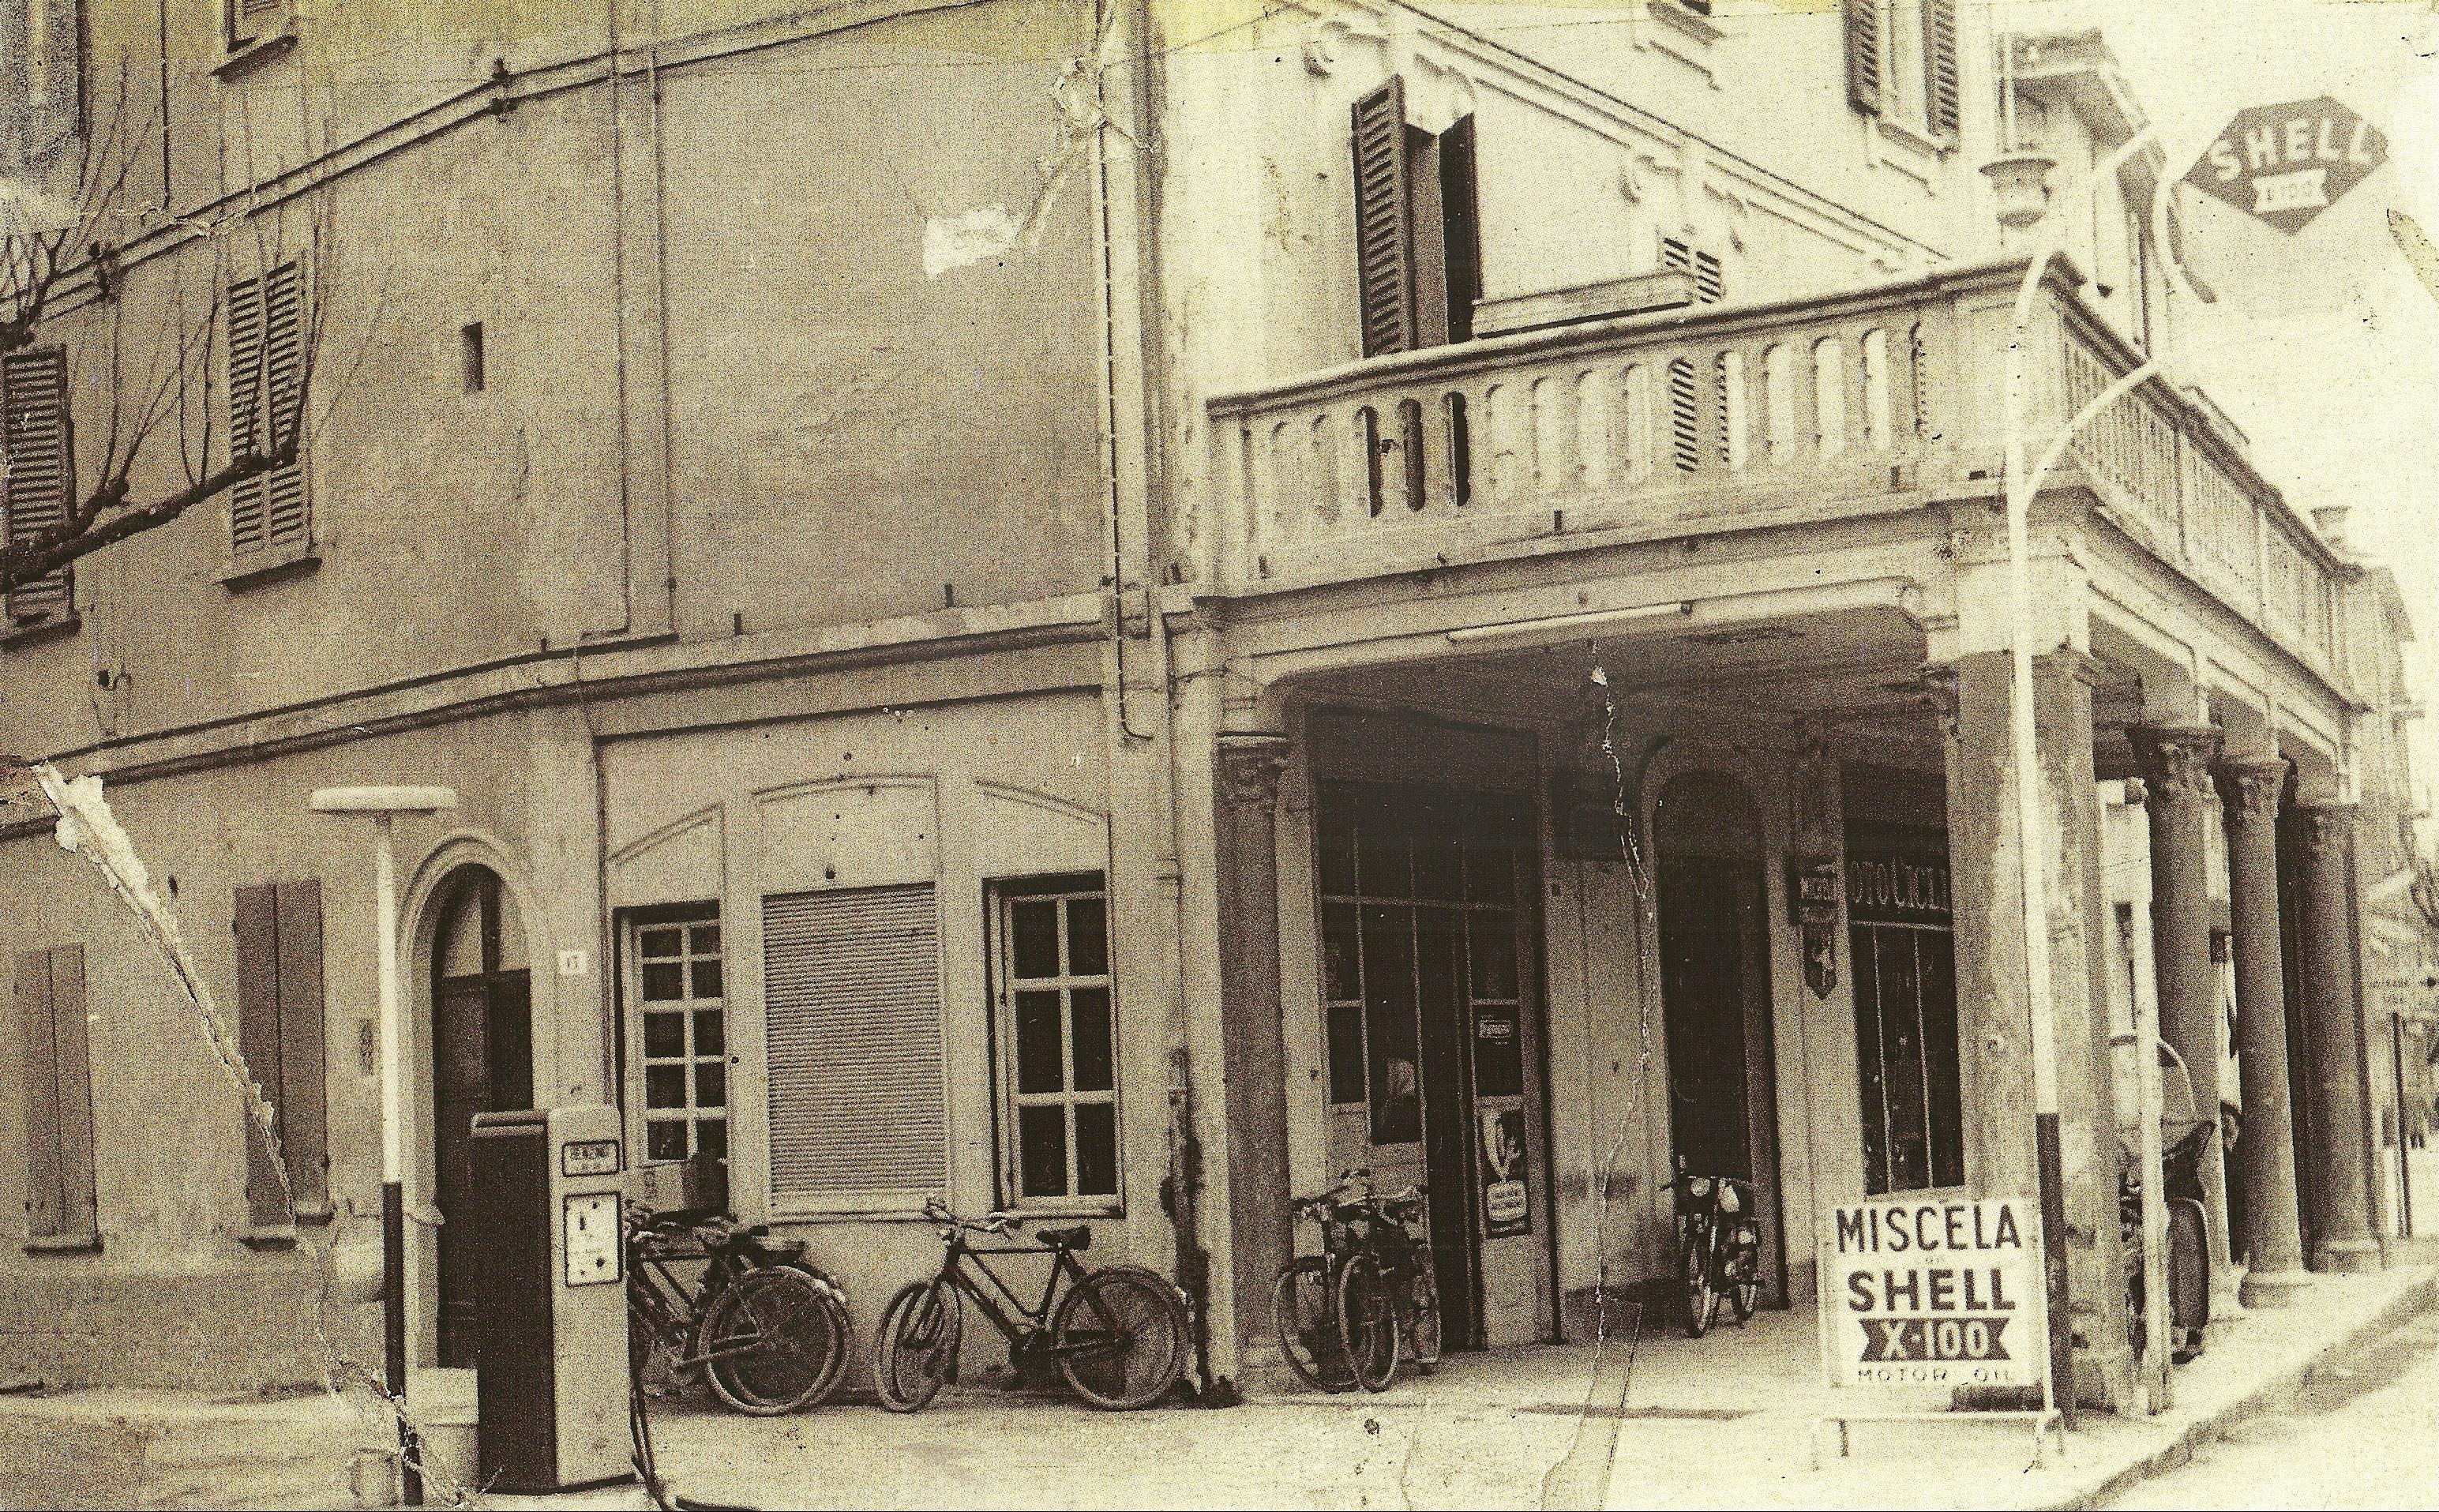 Il negozio di biciclette e motociclette di Adriano Vignoli